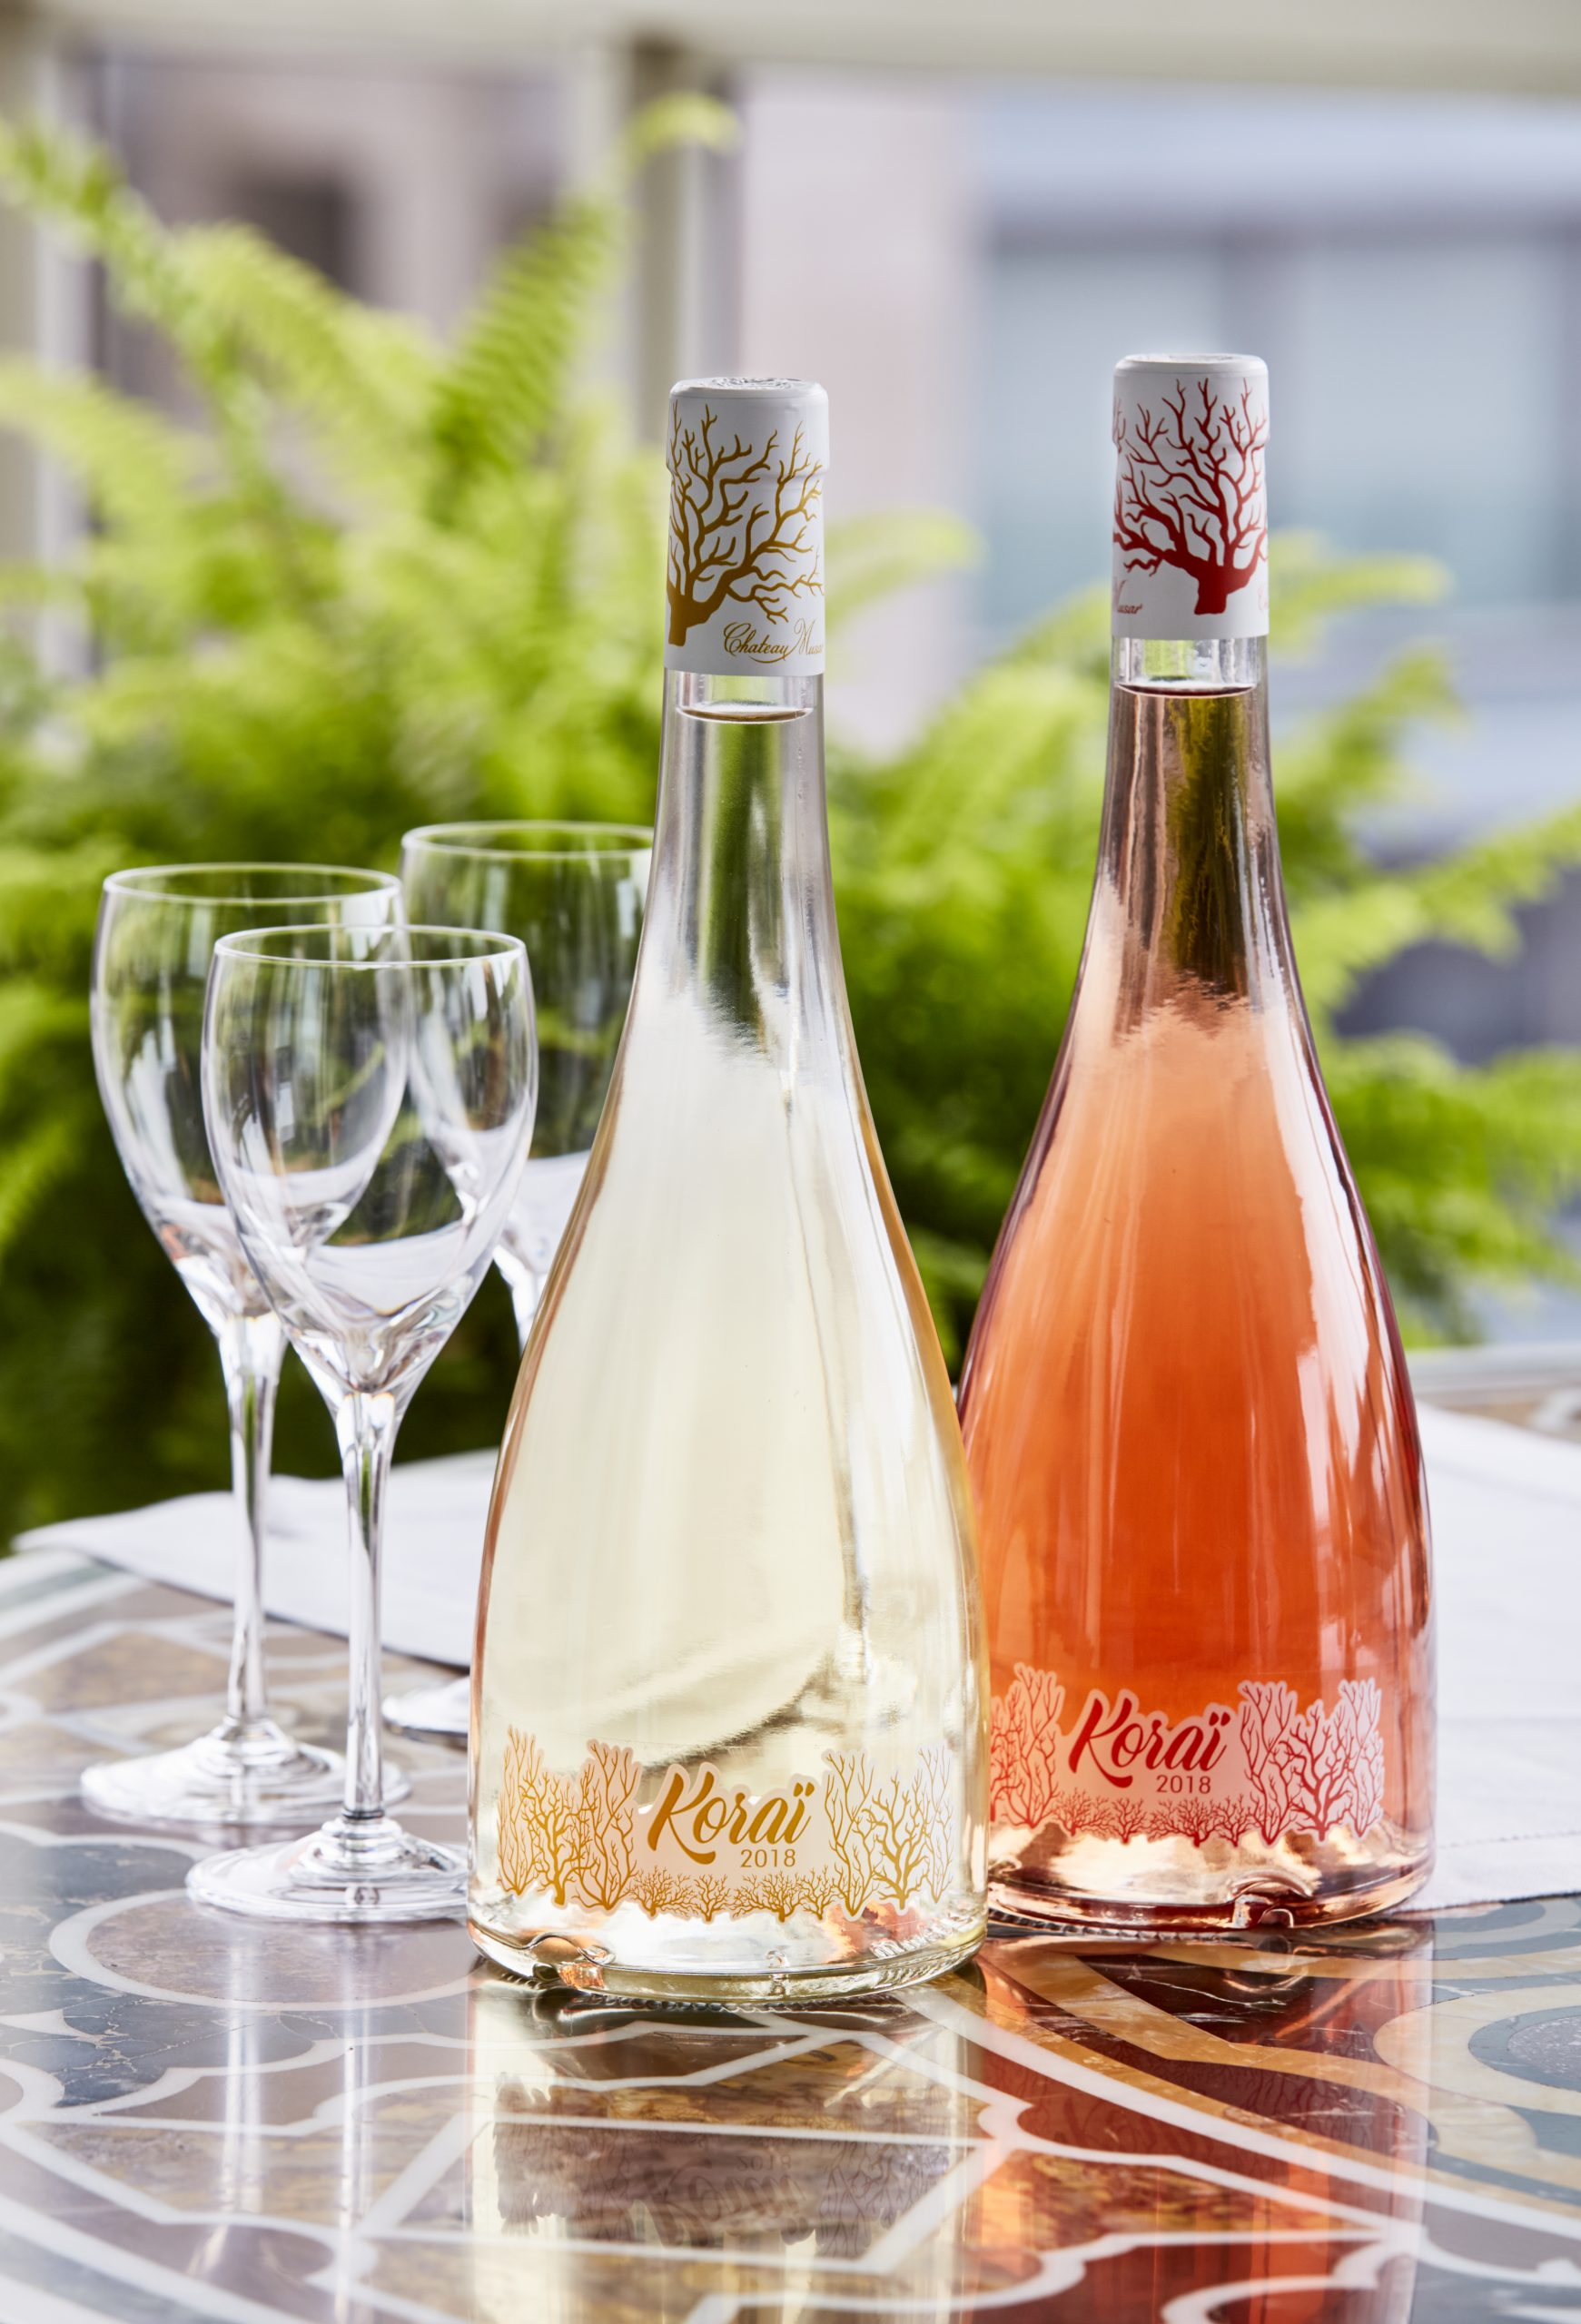 Chateau musar, Lebanon, Winery, Ghazir, Wine bottles, wine tasting